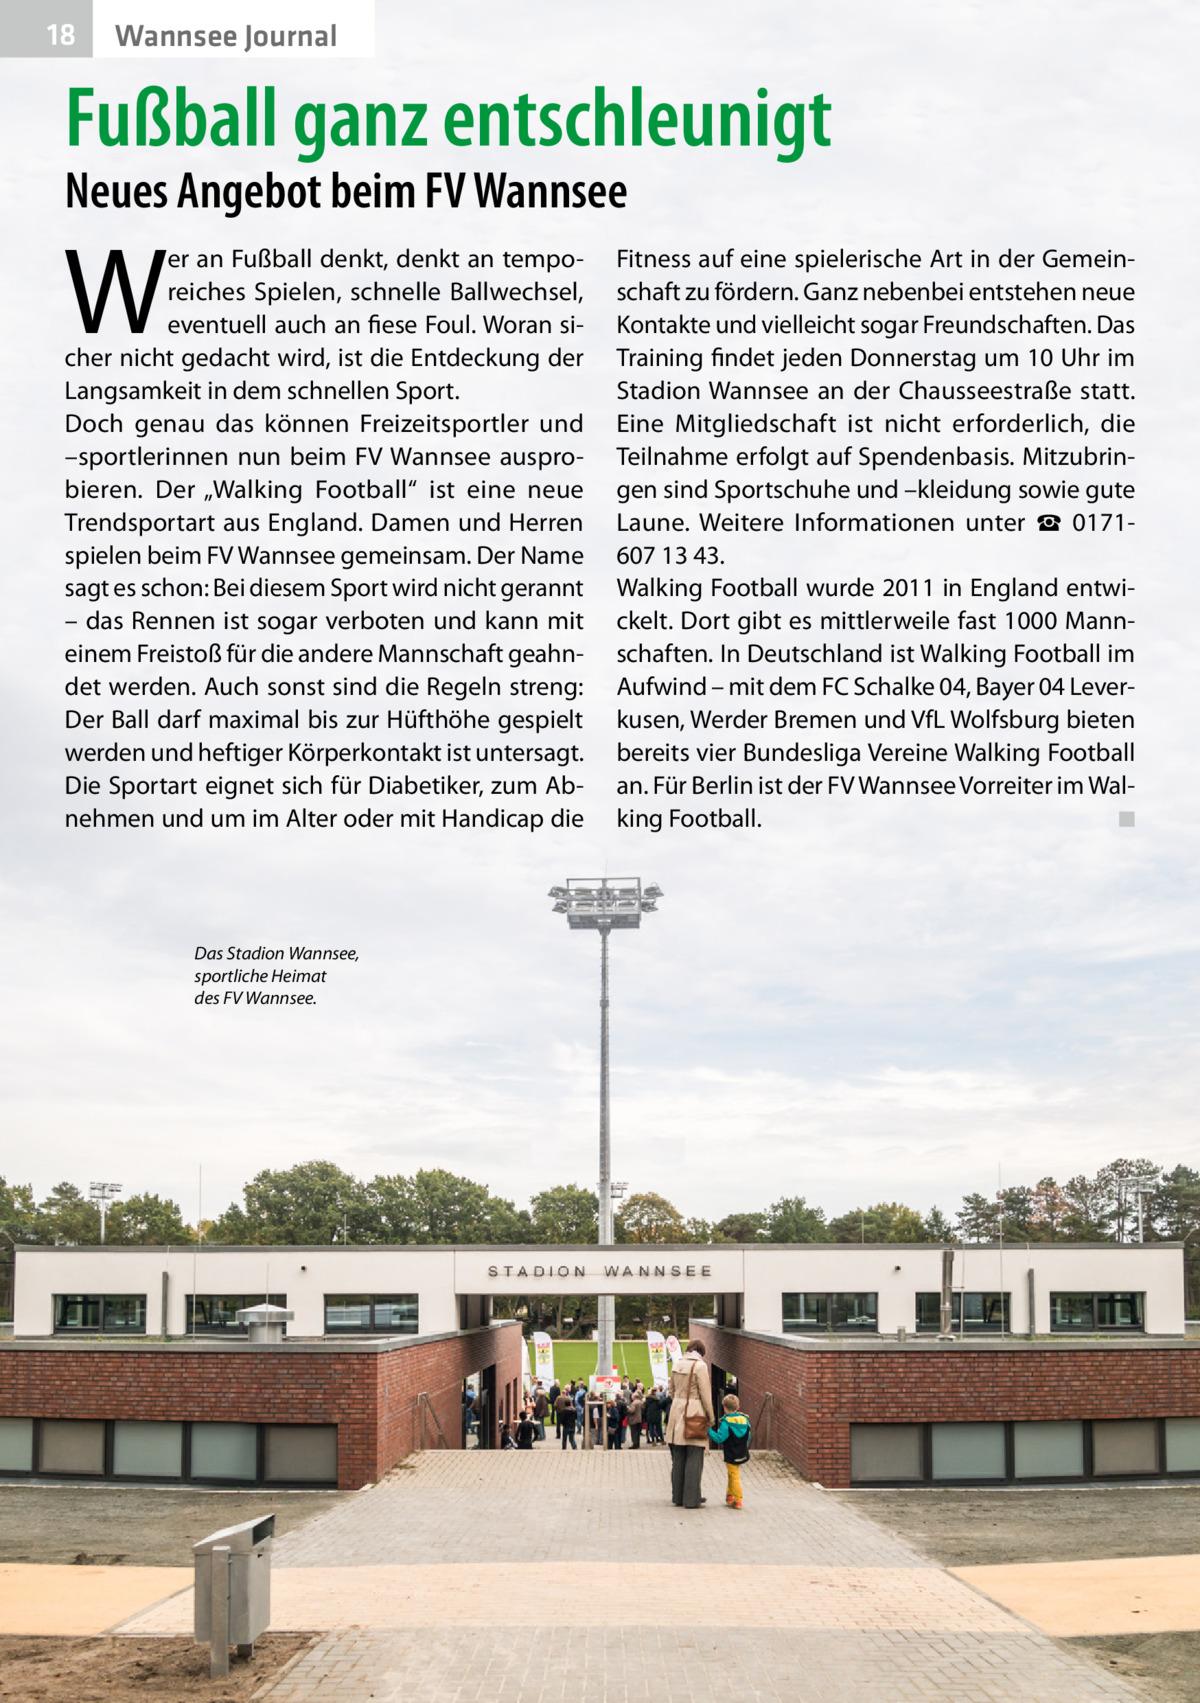 """18  Wannsee Journal  Fußball ganz entschleunigt Neues Angebot beim FV Wannsee  W  er an Fußball denkt, denkt an temporeiches Spielen, schnelle Ballwechsel, eventuell auch an fiese Foul. Woran sicher nicht gedacht wird, ist die Entdeckung der Langsamkeit in dem schnellen Sport. Doch genau das können Freizeitsportler und –sportlerinnen nun beim FV Wannsee ausprobieren. Der """"Walking Football"""" ist eine neue Trendsportart aus England. Damen und Herren spielen beim FVWannsee gemeinsam. Der Name sagt es schon: Bei diesem Sport wird nicht gerannt – das Rennen ist sogar verboten und kann mit einem Freistoß für die andere Mannschaft geahndet werden. Auch sonst sind die Regeln streng: Der Ball darf maximal bis zur Hüfthöhe gespielt werden und heftiger Körperkontakt ist untersagt. Die Sportart eignet sich für Diabetiker, zum Abnehmen und um im Alter oder mit Handicap die  Das Stadion Wannsee, sportliche Heimat des FV Wannsee.  Fitness auf eine spielerische Art in der Gemeinschaft zu fördern. Ganz nebenbei entstehen neue Kontakte und vielleicht sogar Freundschaften. Das Training findet jeden Donnerstag um 10Uhr im Stadion Wannsee an der Chausseestraße statt. Eine Mitgliedschaft ist nicht erforderlich, die Teilnahme erfolgt auf Spendenbasis. Mitzubringen sind Sportschuhe und –kleidung sowie gute Laune. Weitere Informationen unter ☎ 01716071343. Walking Football wurde 2011 in England entwickelt. Dort gibt es mittlerweile fast 1000 Mannschaften. In Deutschland ist Walking Football im Aufwind – mit dem FCSchalke04, Bayer 04 Leverkusen, Werder Bremen und VfL Wolfsburg bieten bereits vier Bundesliga Vereine Walking Football an. Für Berlin ist der FV Wannsee Vorreiter im Walking Football. � ◾"""